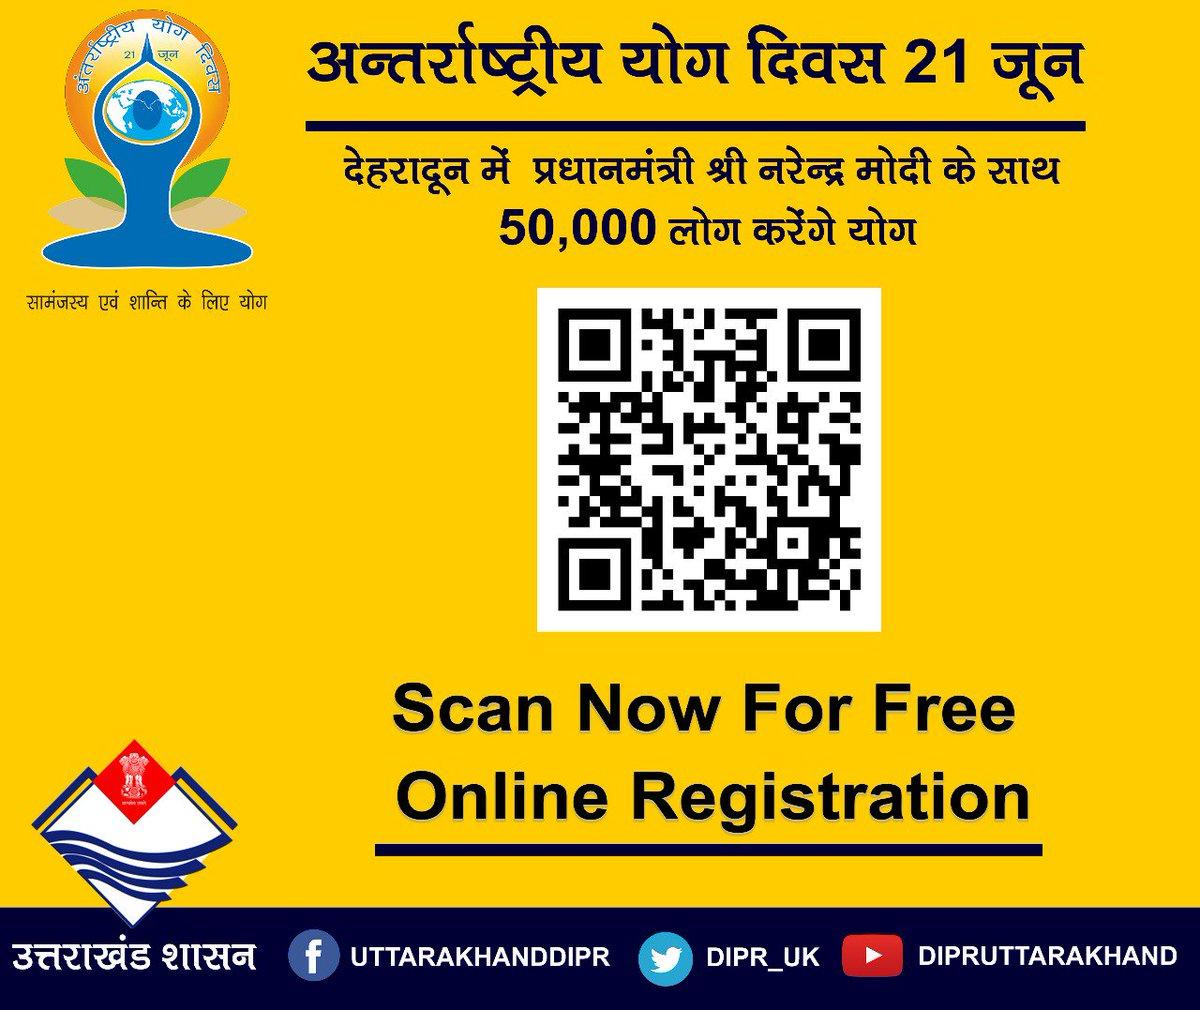 Uttarakhand DIPR on Twitter: